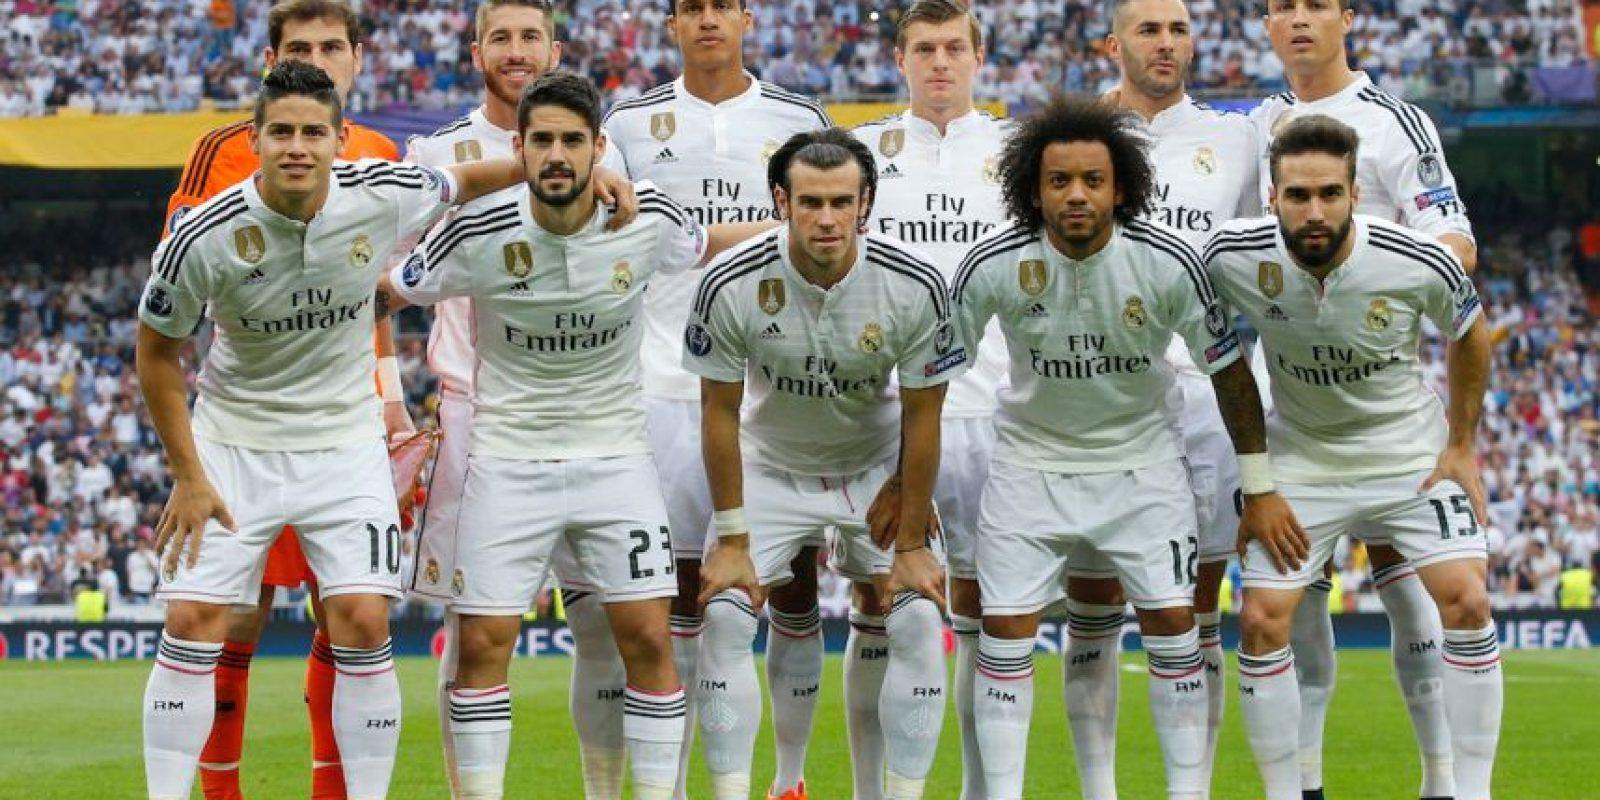 Al igual que el Bayern Munich, el Real Madrid donó un millón de euros para los refugiados sirios que sean recibidos en España. Foto:Getty Images